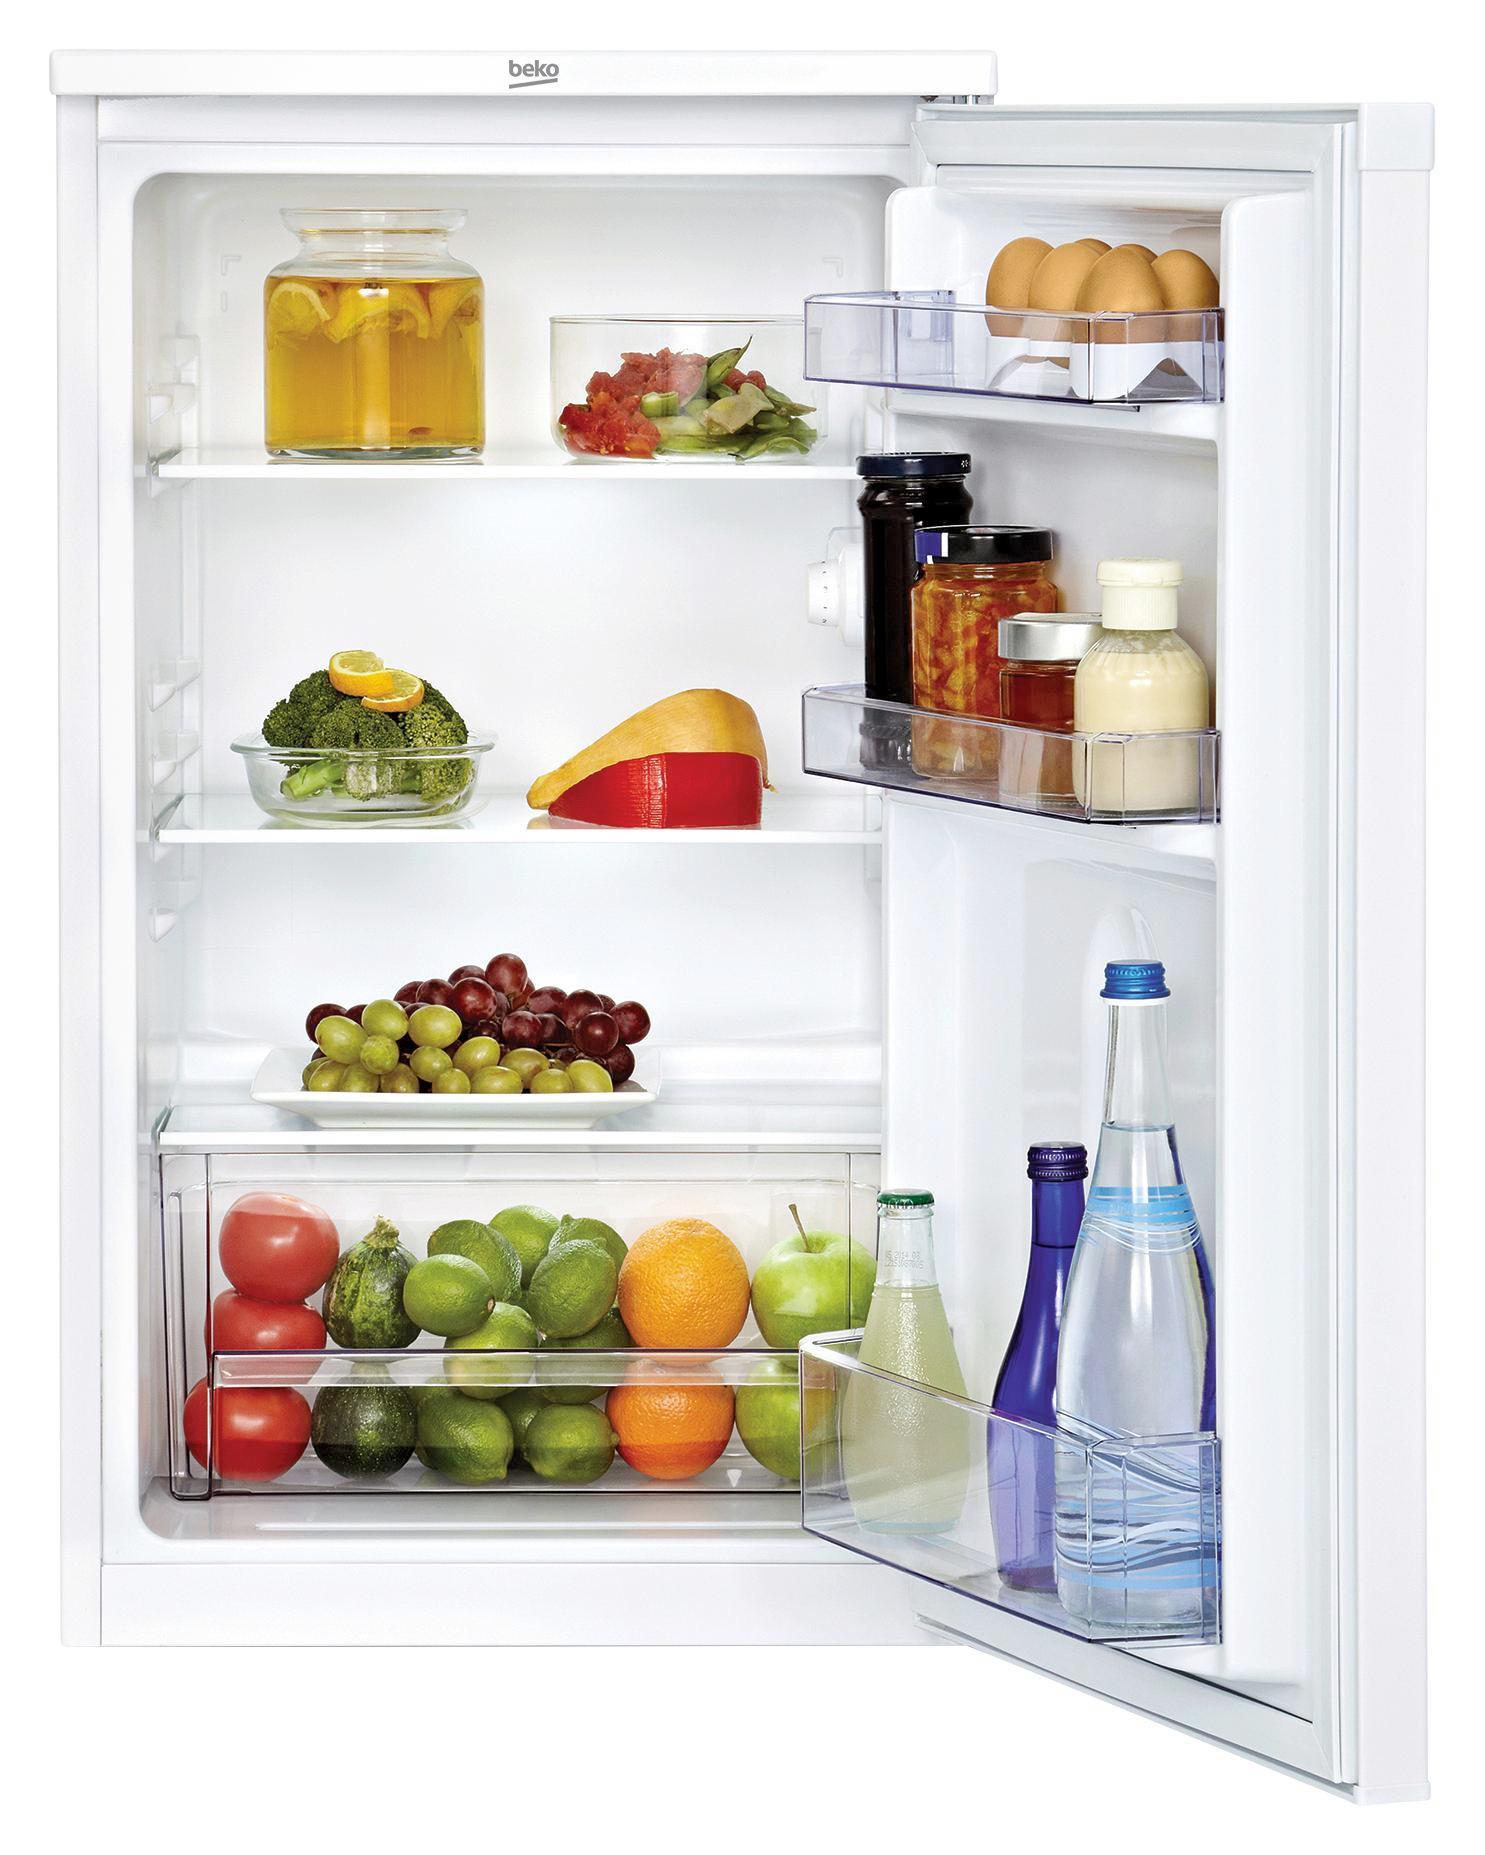 Mini Kühlschrank Möbelix : Kühlschrank ts online kaufen ➤ möbelix